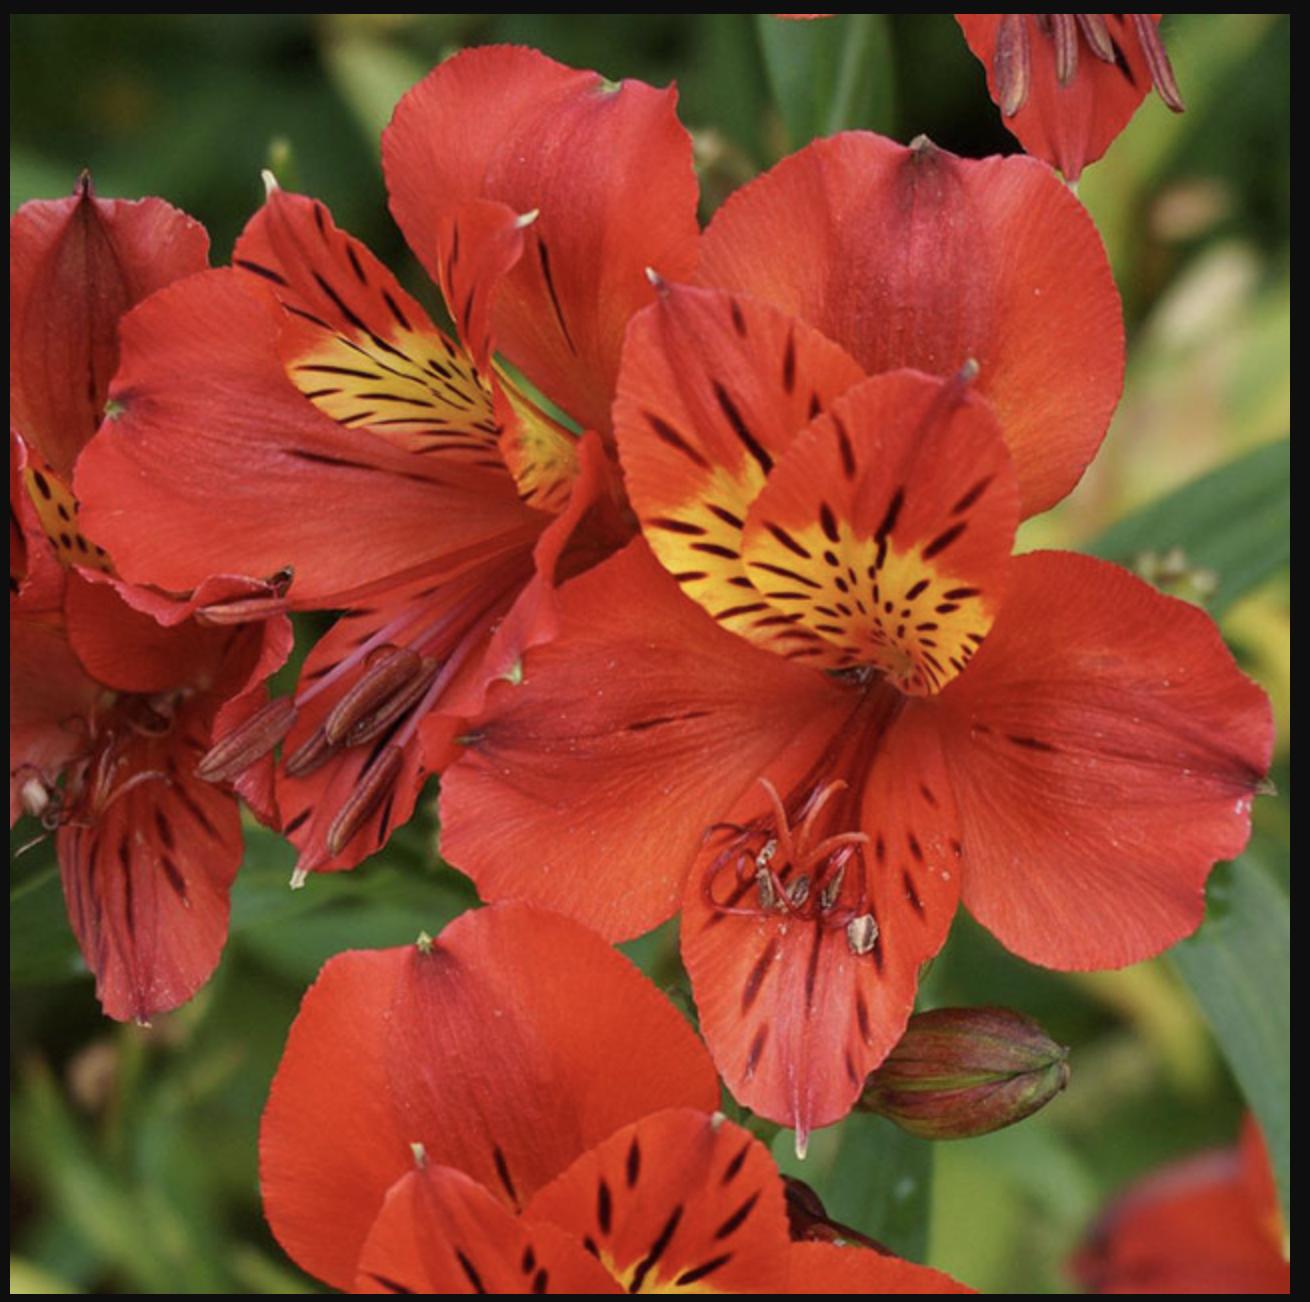 Hoa thuỷ tiên đỏ